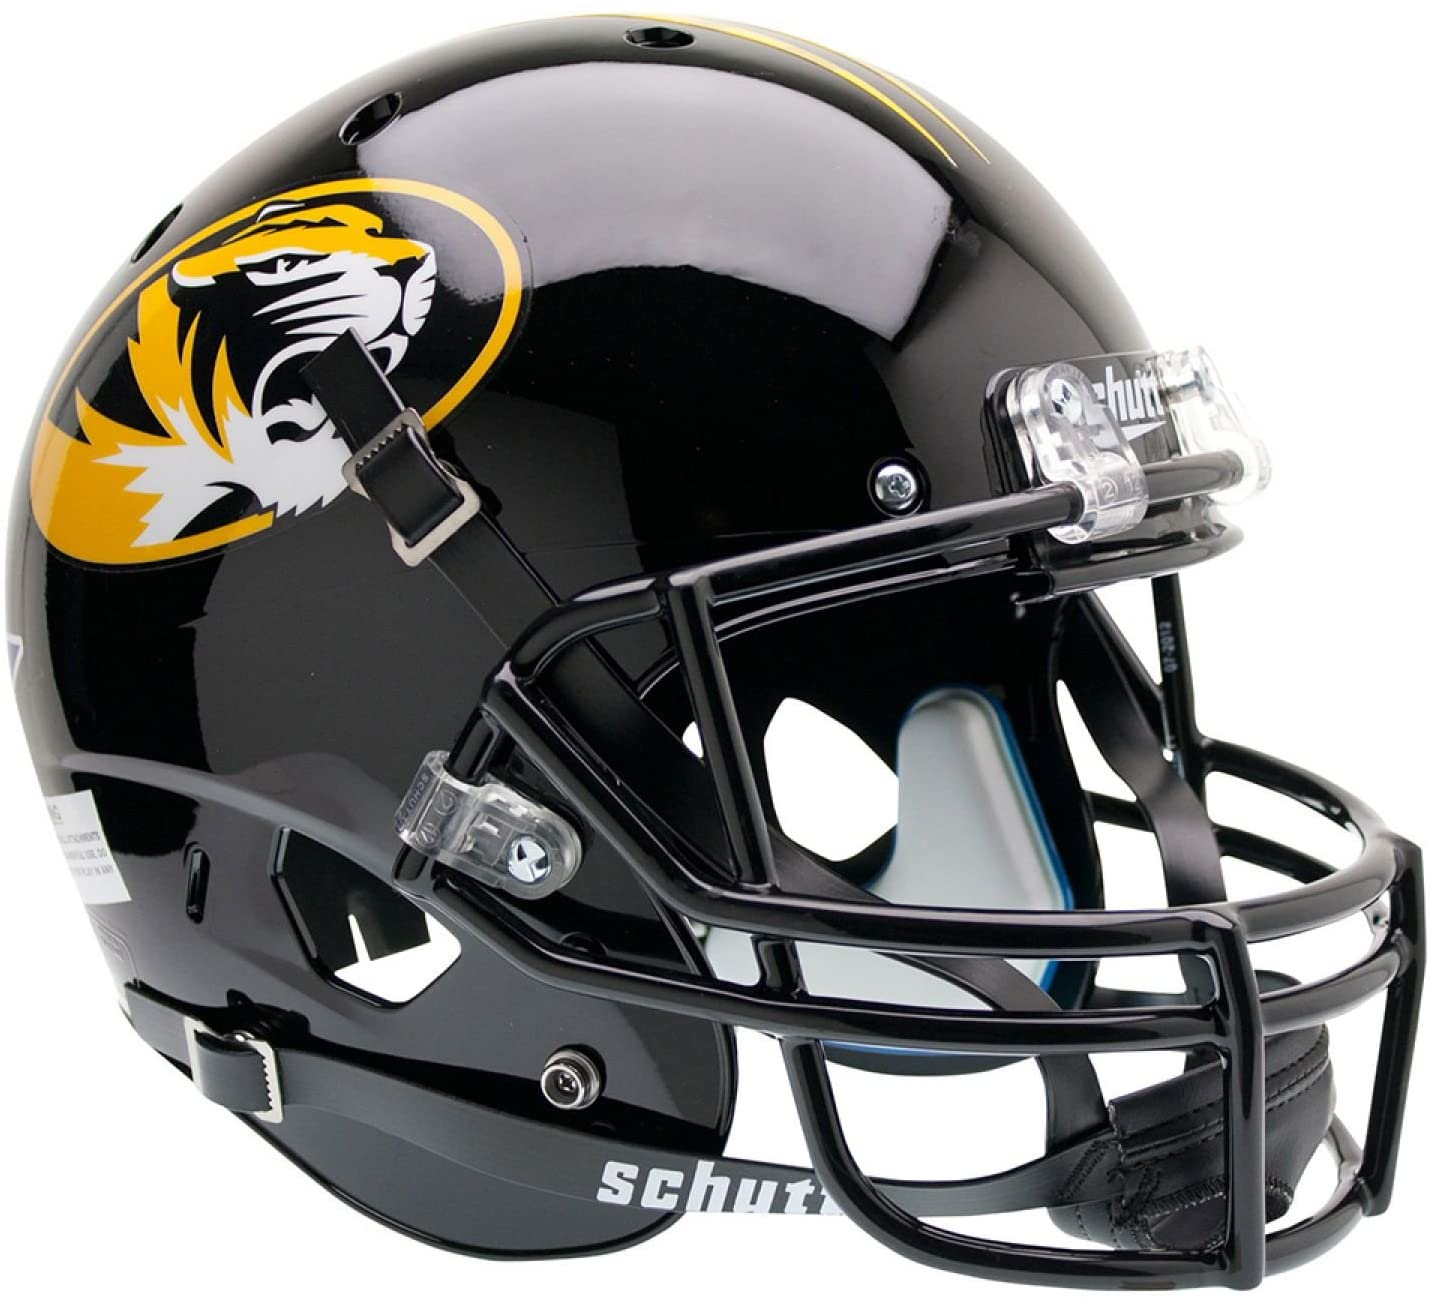 Schutt NCAA Missouri Tigers Replica XP Football Helmet